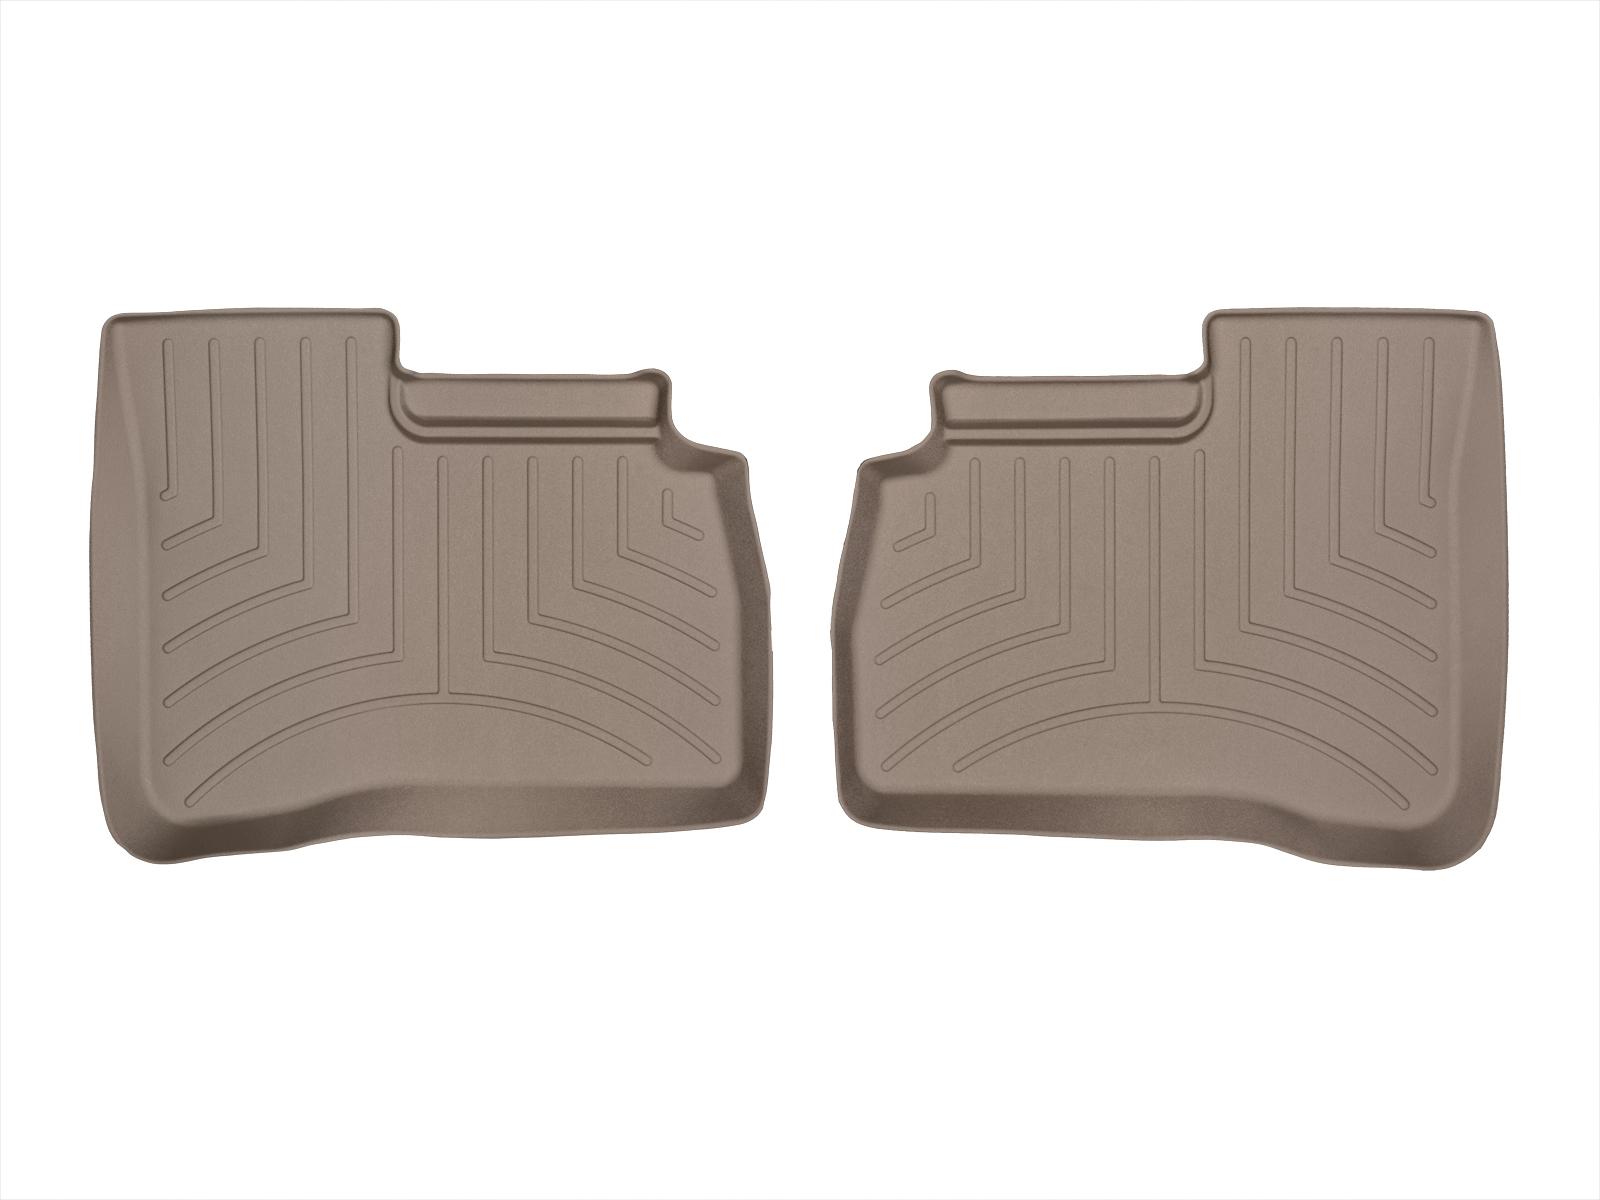 Tappeti gomma su misura bordo alto Mercedes S-Class 06>12 Marrone A2559